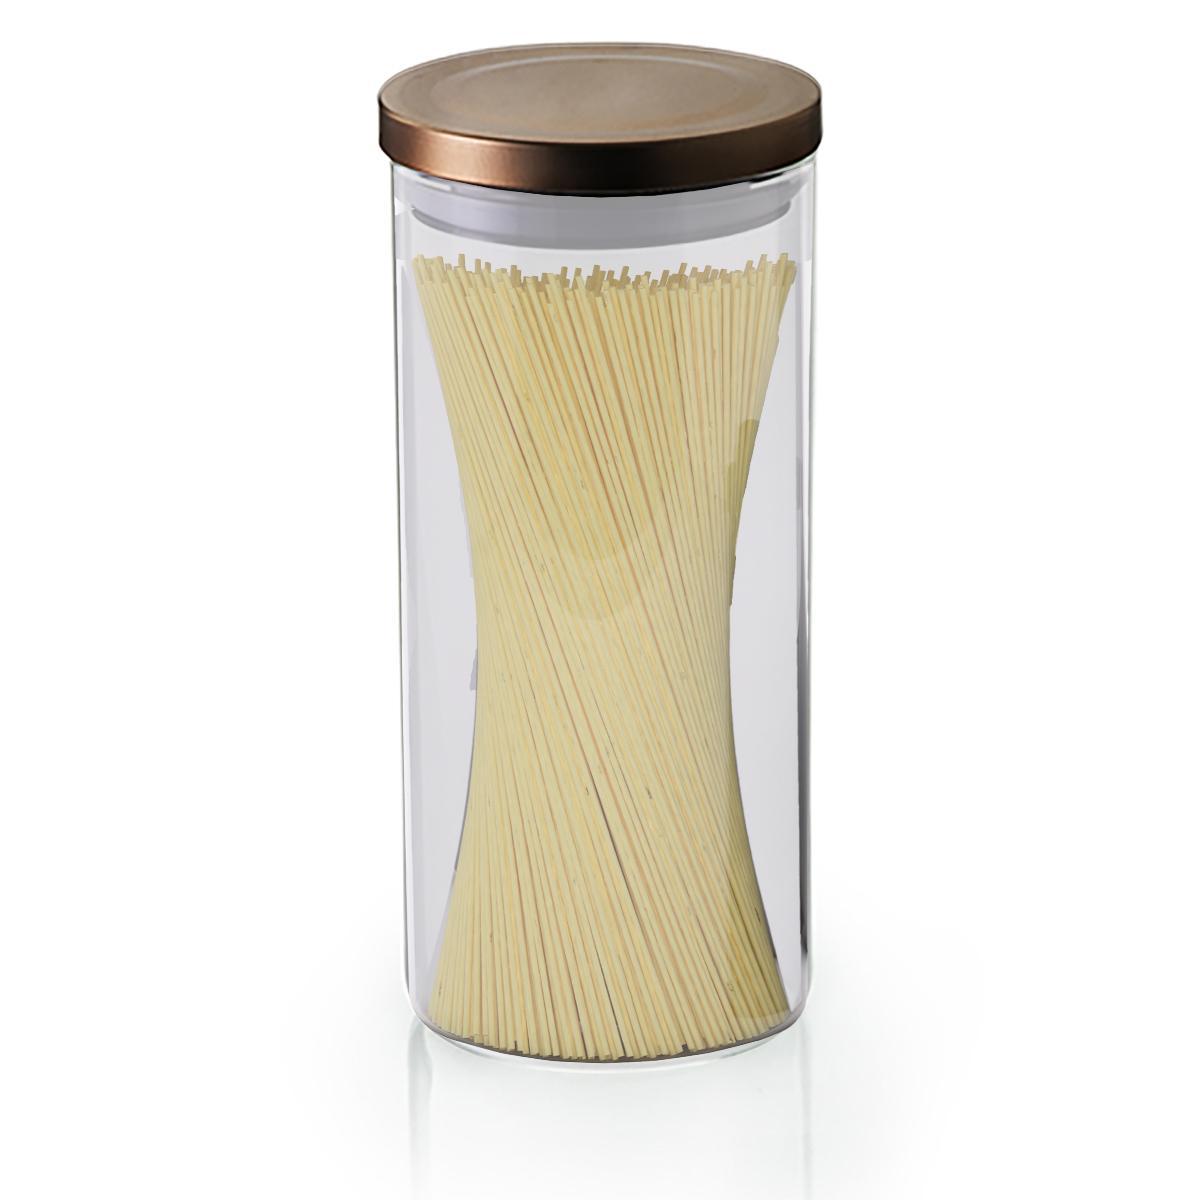 Pote hermético Borossilicato tampa bronze 1,3L Mimo Style